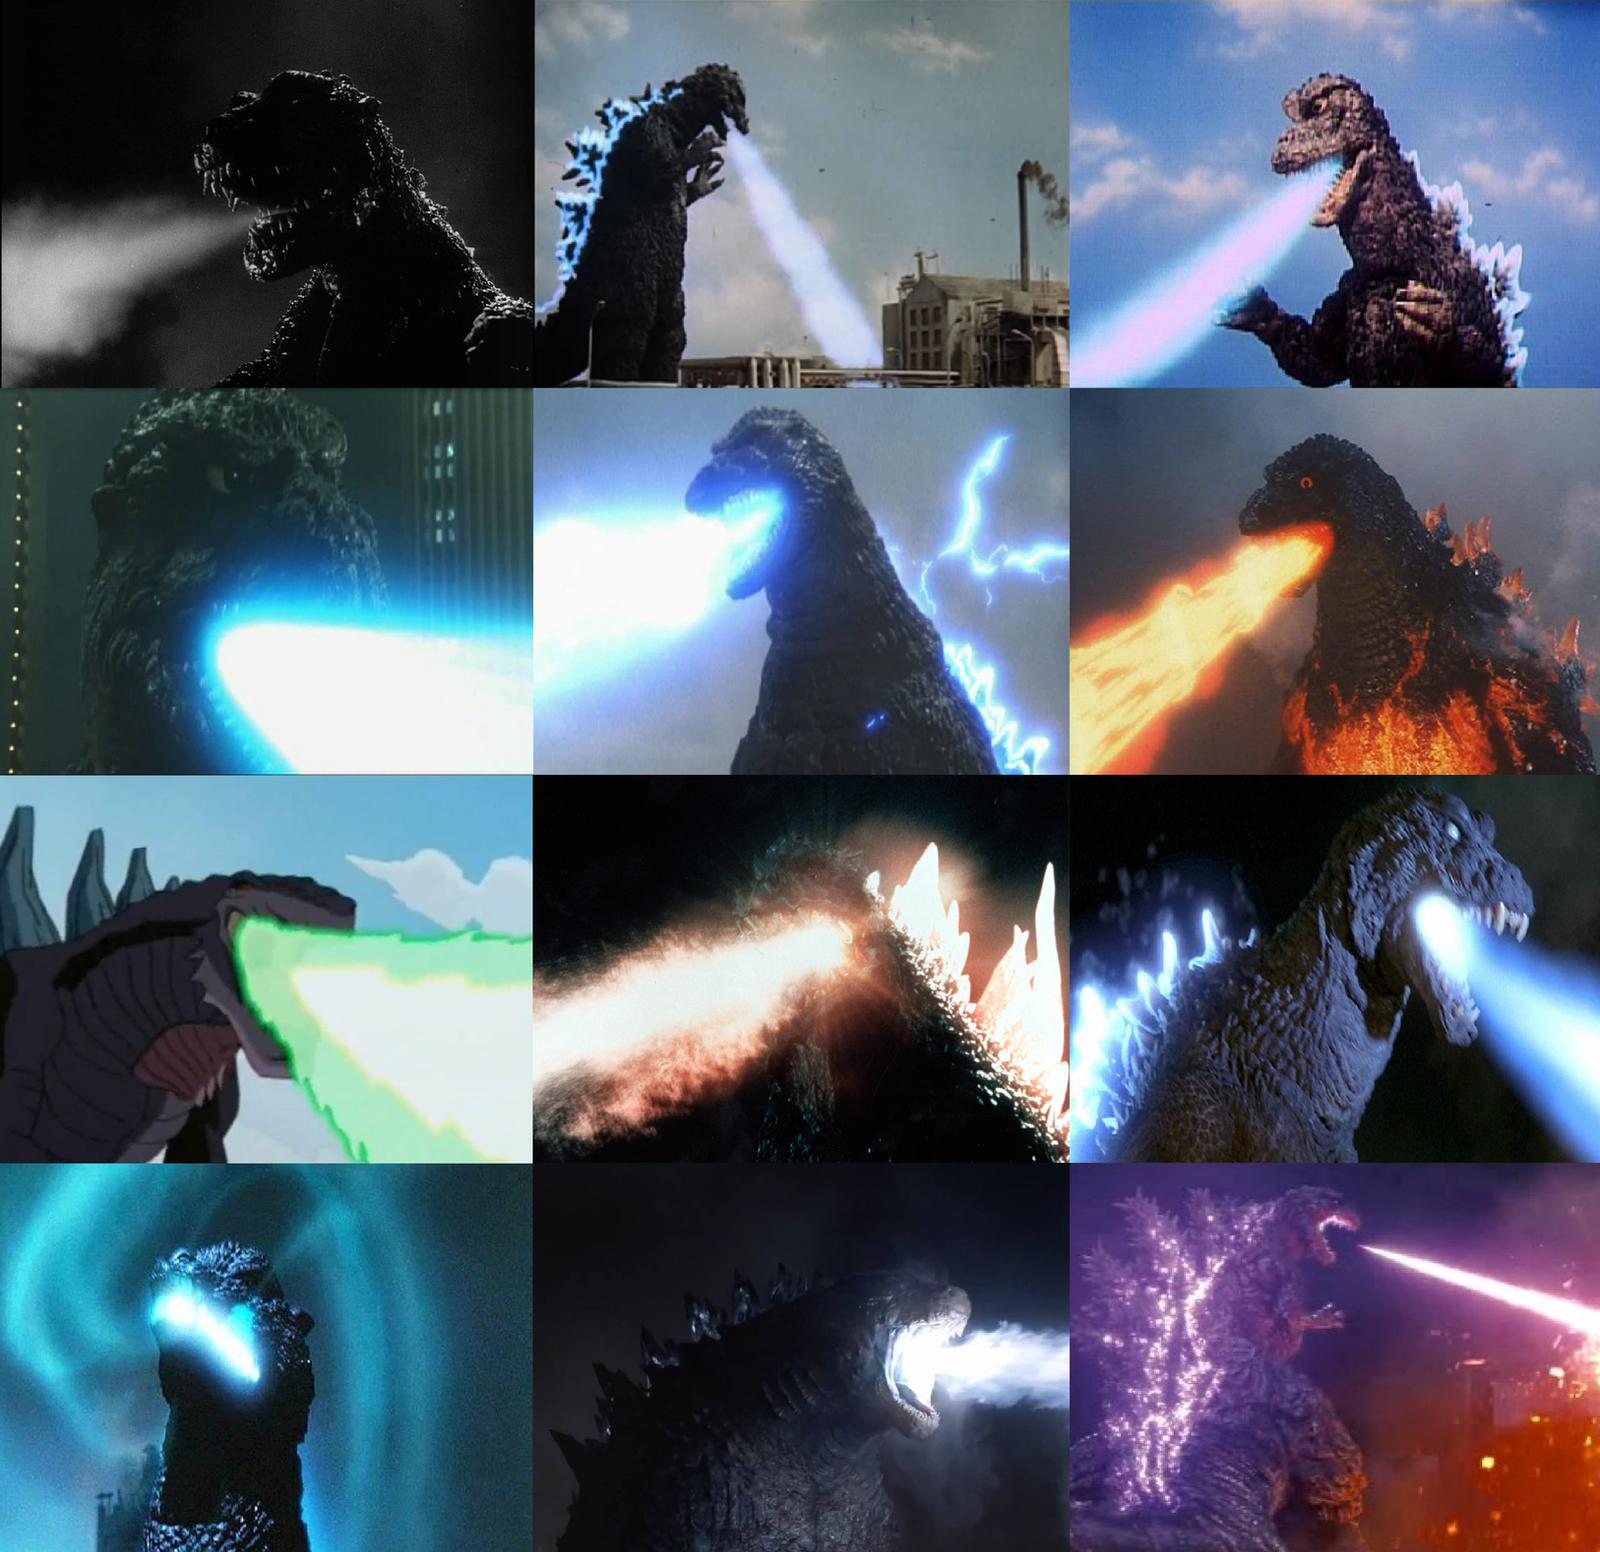 Evolution Godzilla Atomic Breath by MnstrFrc on DeviantArt